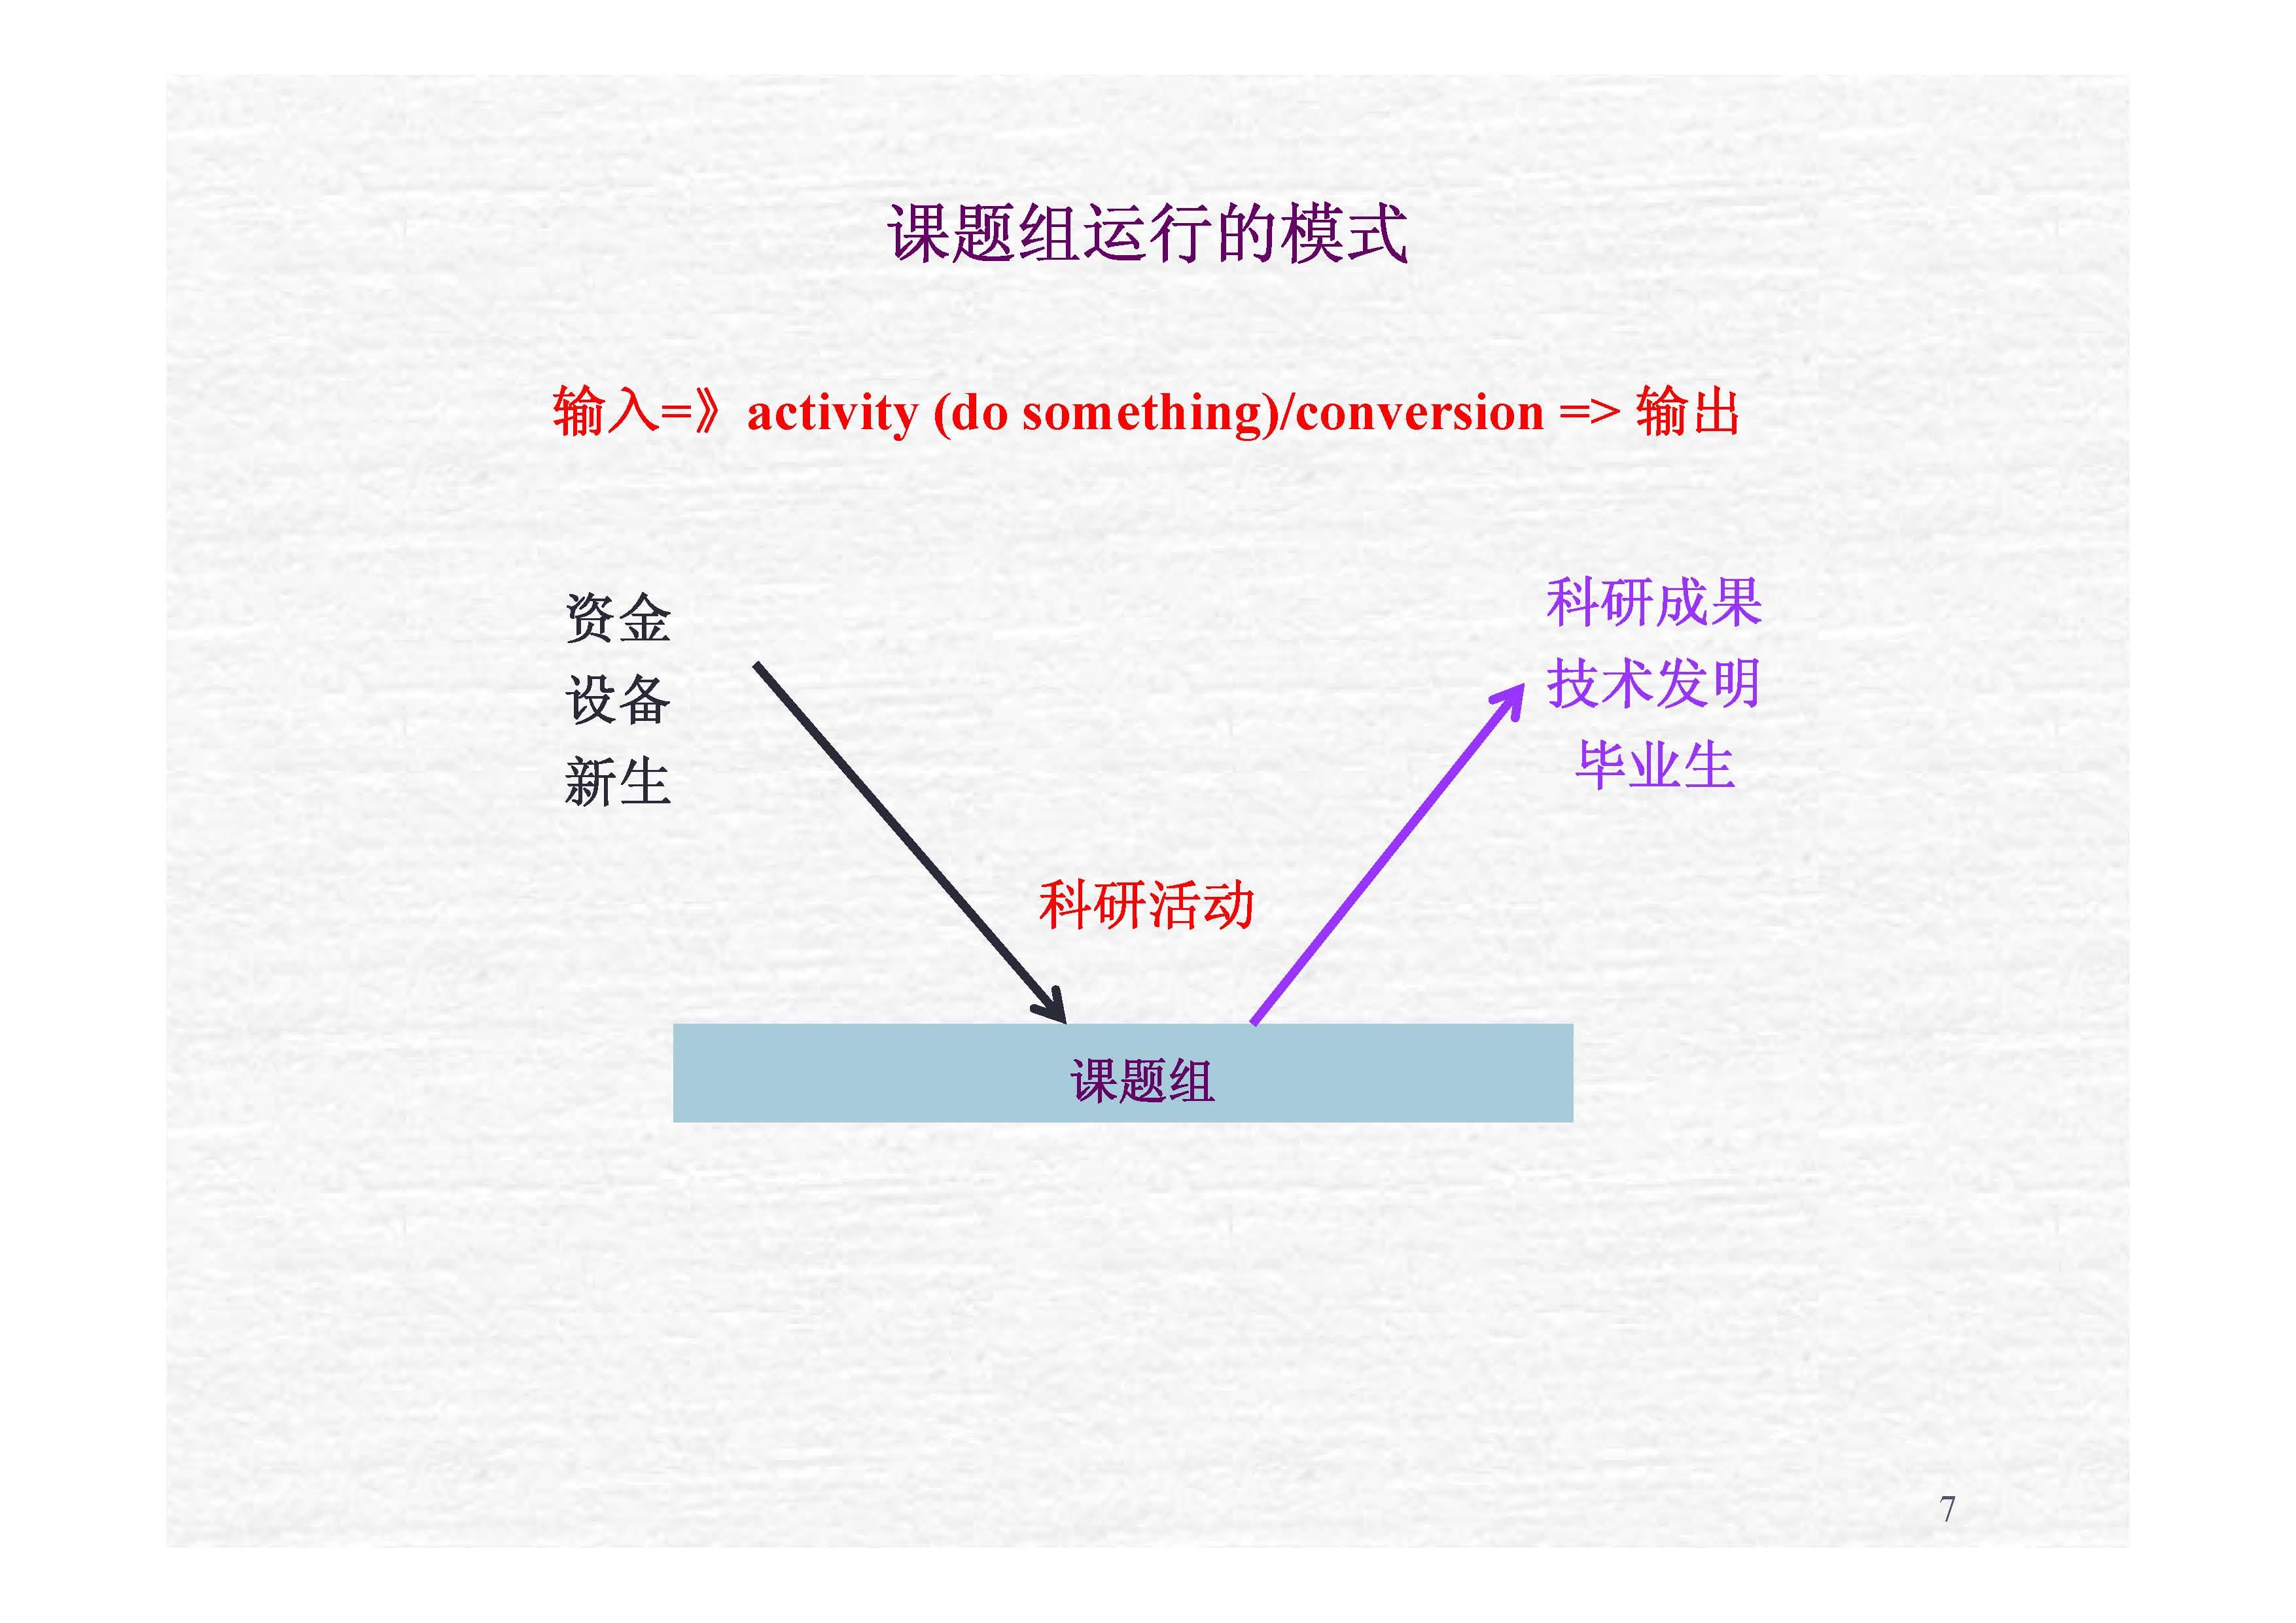 研究生师生矛盾及其化解对策-修订版-10_页面_07.jpg